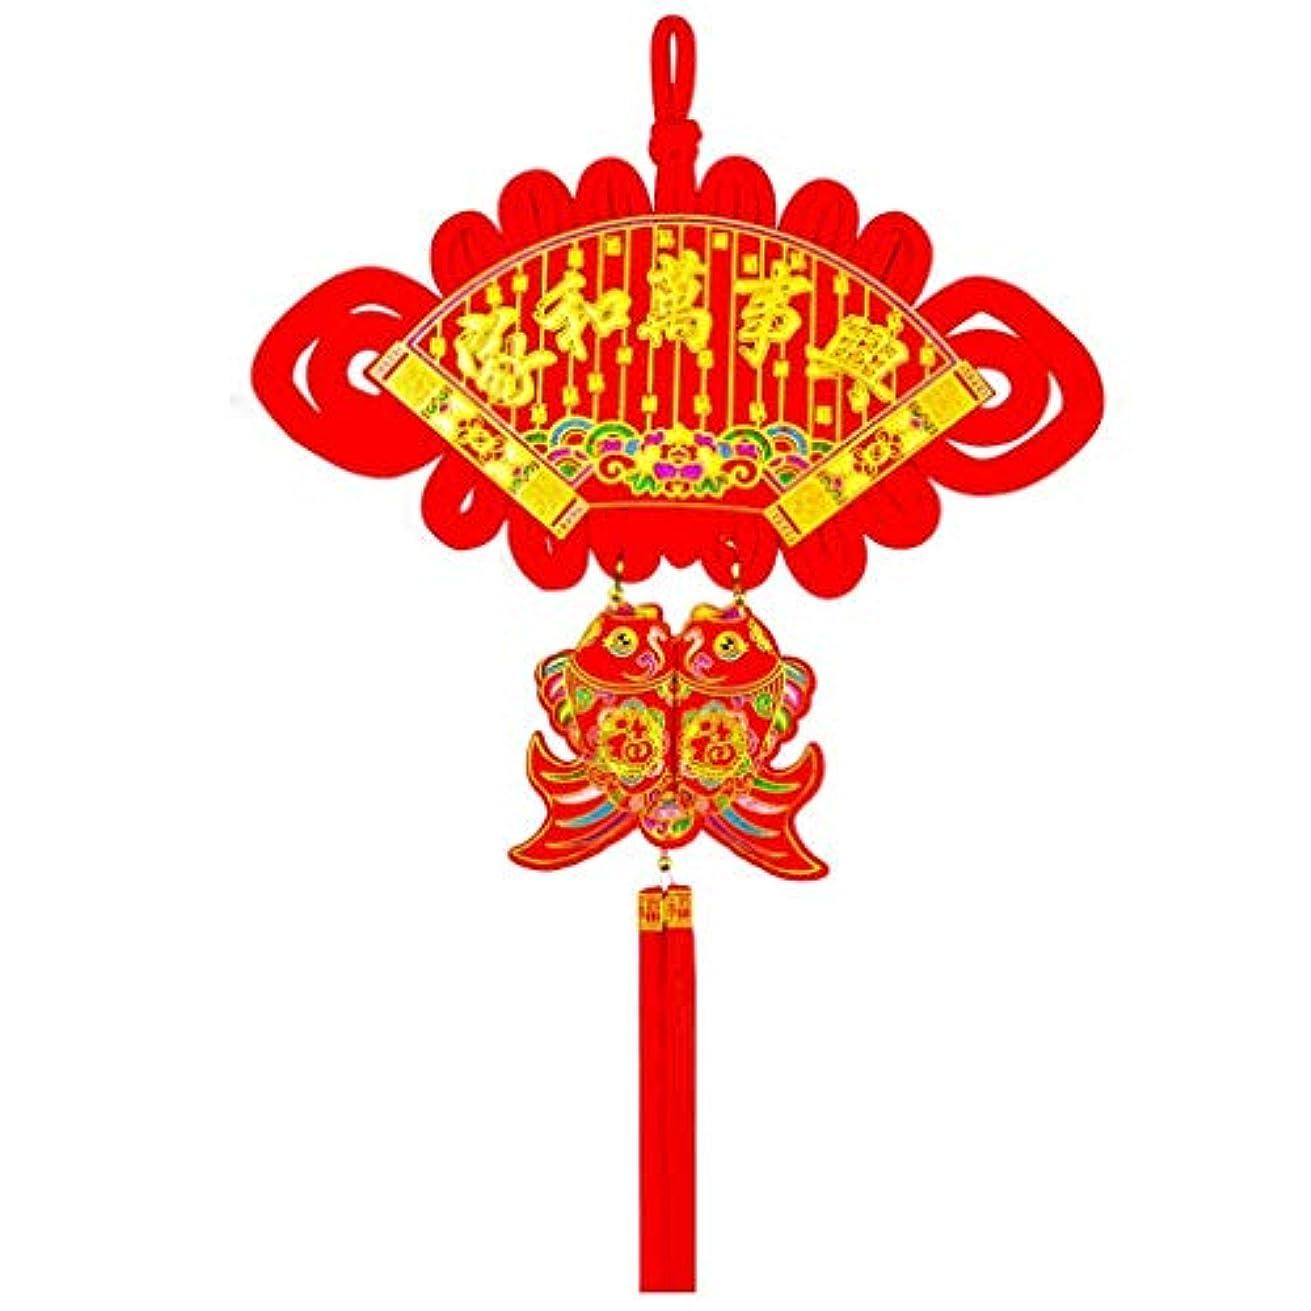 ファントム光沢のある鮮やかなタッセル中国結び 魚の祝福中国ノット扇型ホーム、すべてをぶら下げ正月飾り中国のノットペンダントリビングルーム 手作りの中国の結び目 (サイズ : 2PACK)